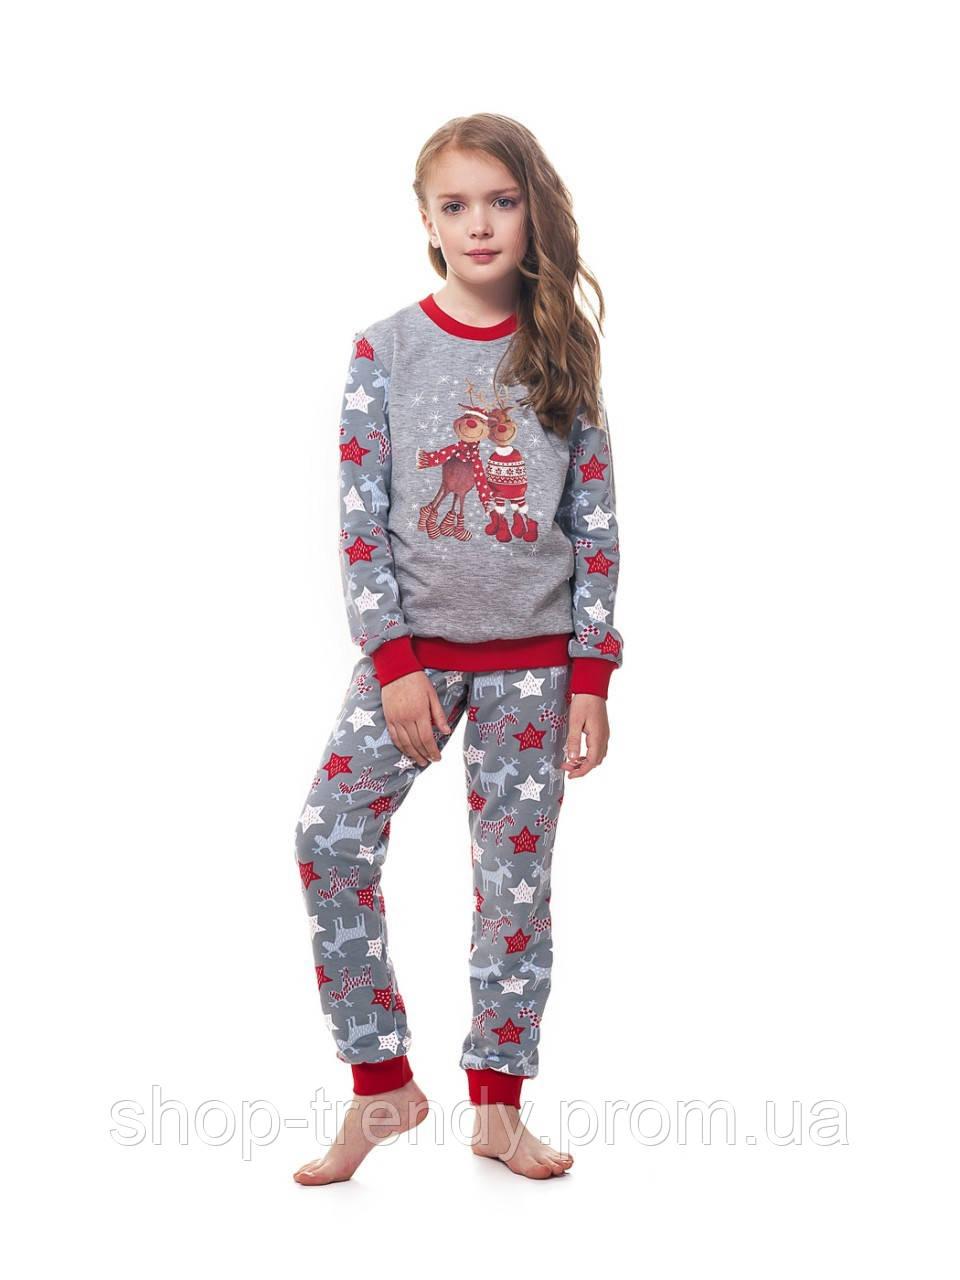 ef41d10b74c3 Детская пижама для девочек (Кофта и штаны) Ellen - купить по лучшей ...